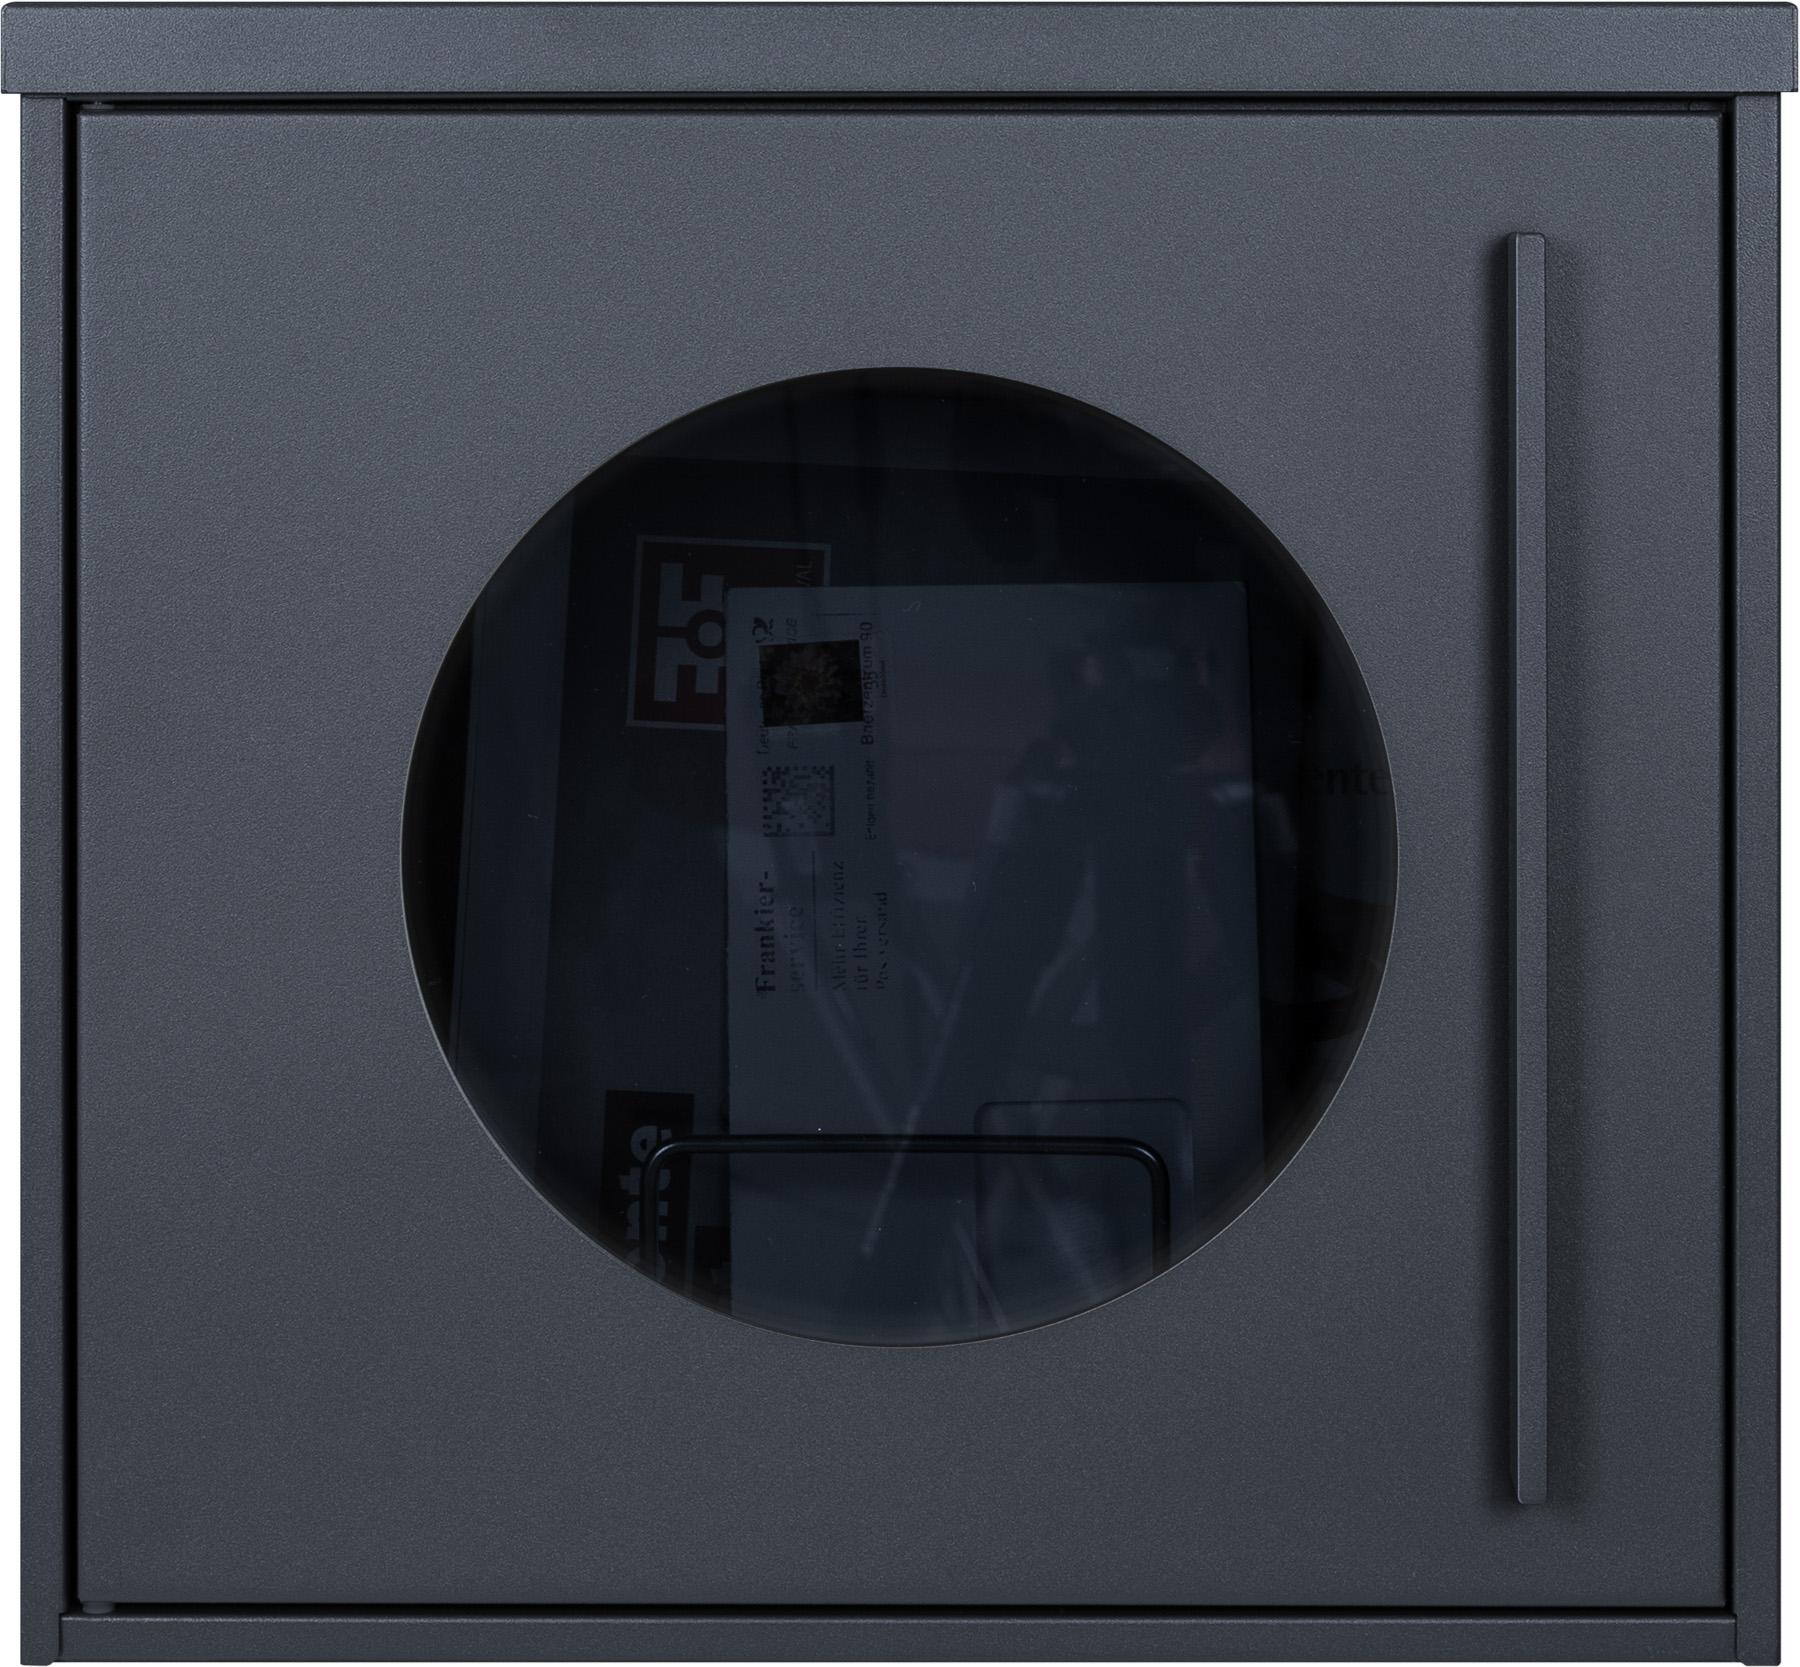 Mocavi Box 105g Designer Briefkasten Anthrazit Ral 7016